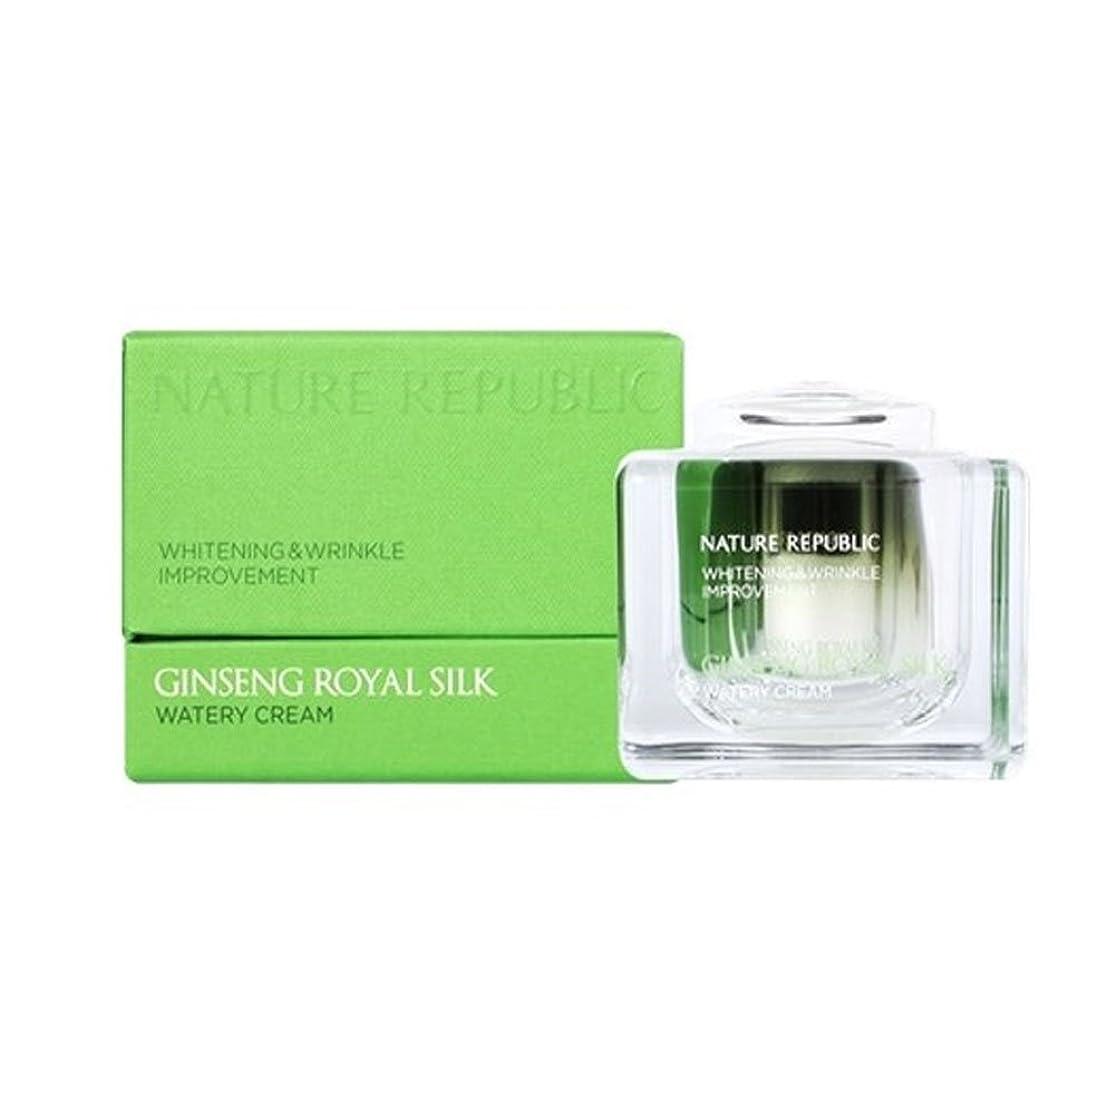 死すべき上流の批判的ネイチャーリパブリック(NATURE REPUBLIC)ジンセンロイヤルシルクウォトリクリーム 60ml NATURE REPUBLIC Ginseng Royal Silk Watery Cream 60ml [並行輸入品]